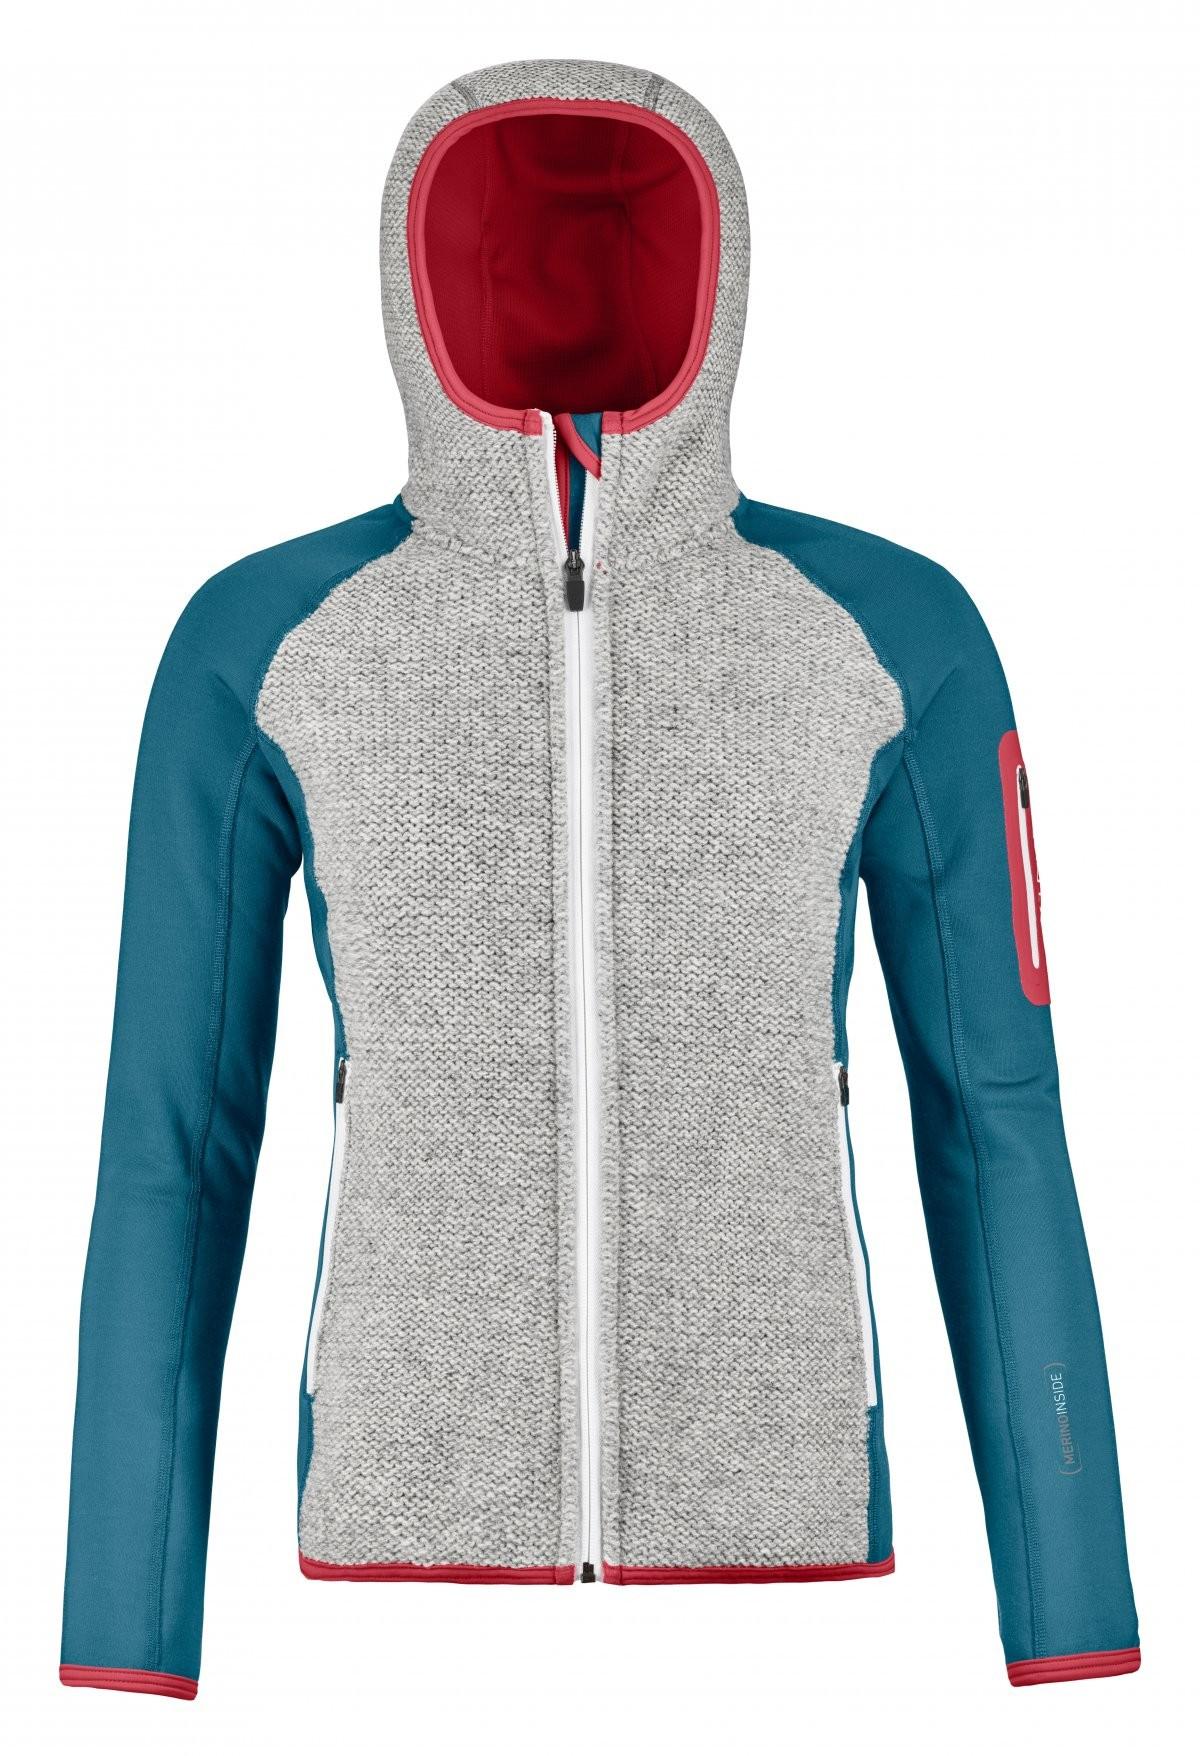 Ortovox Fleece Plus Hoody Fleece jacket